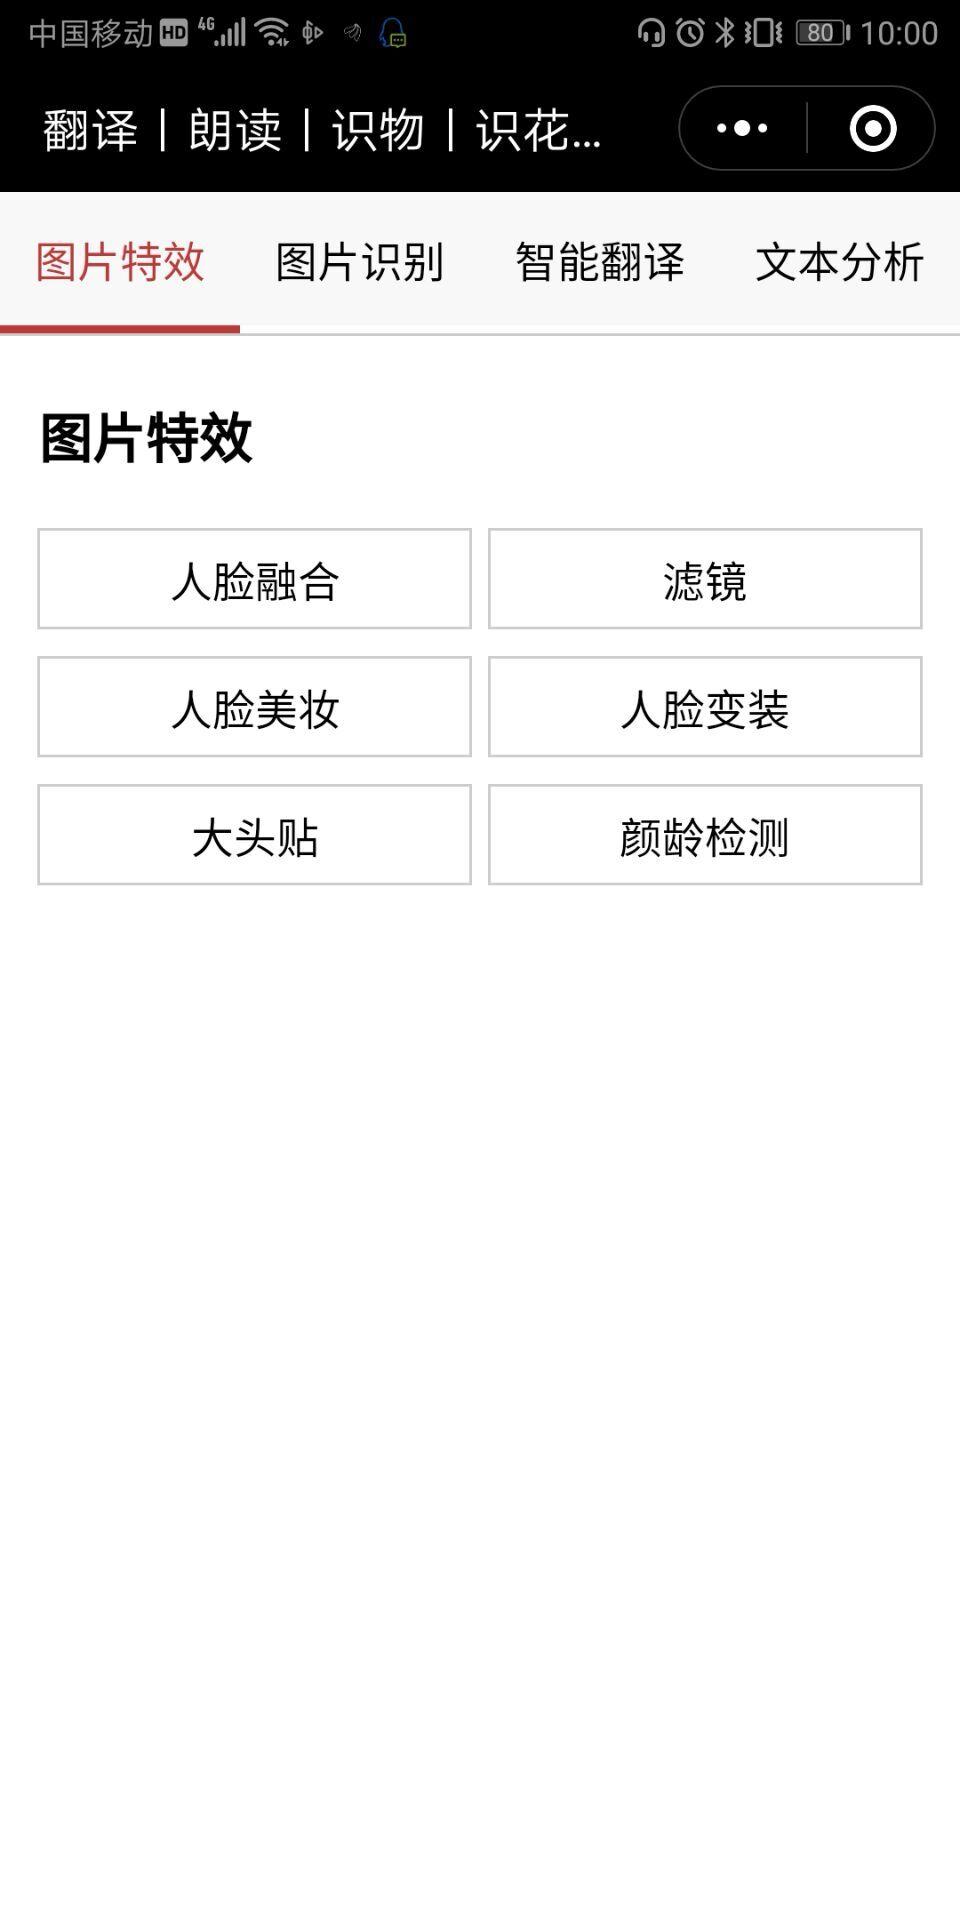 翻译丨朗读丨识物丨识花丨名片